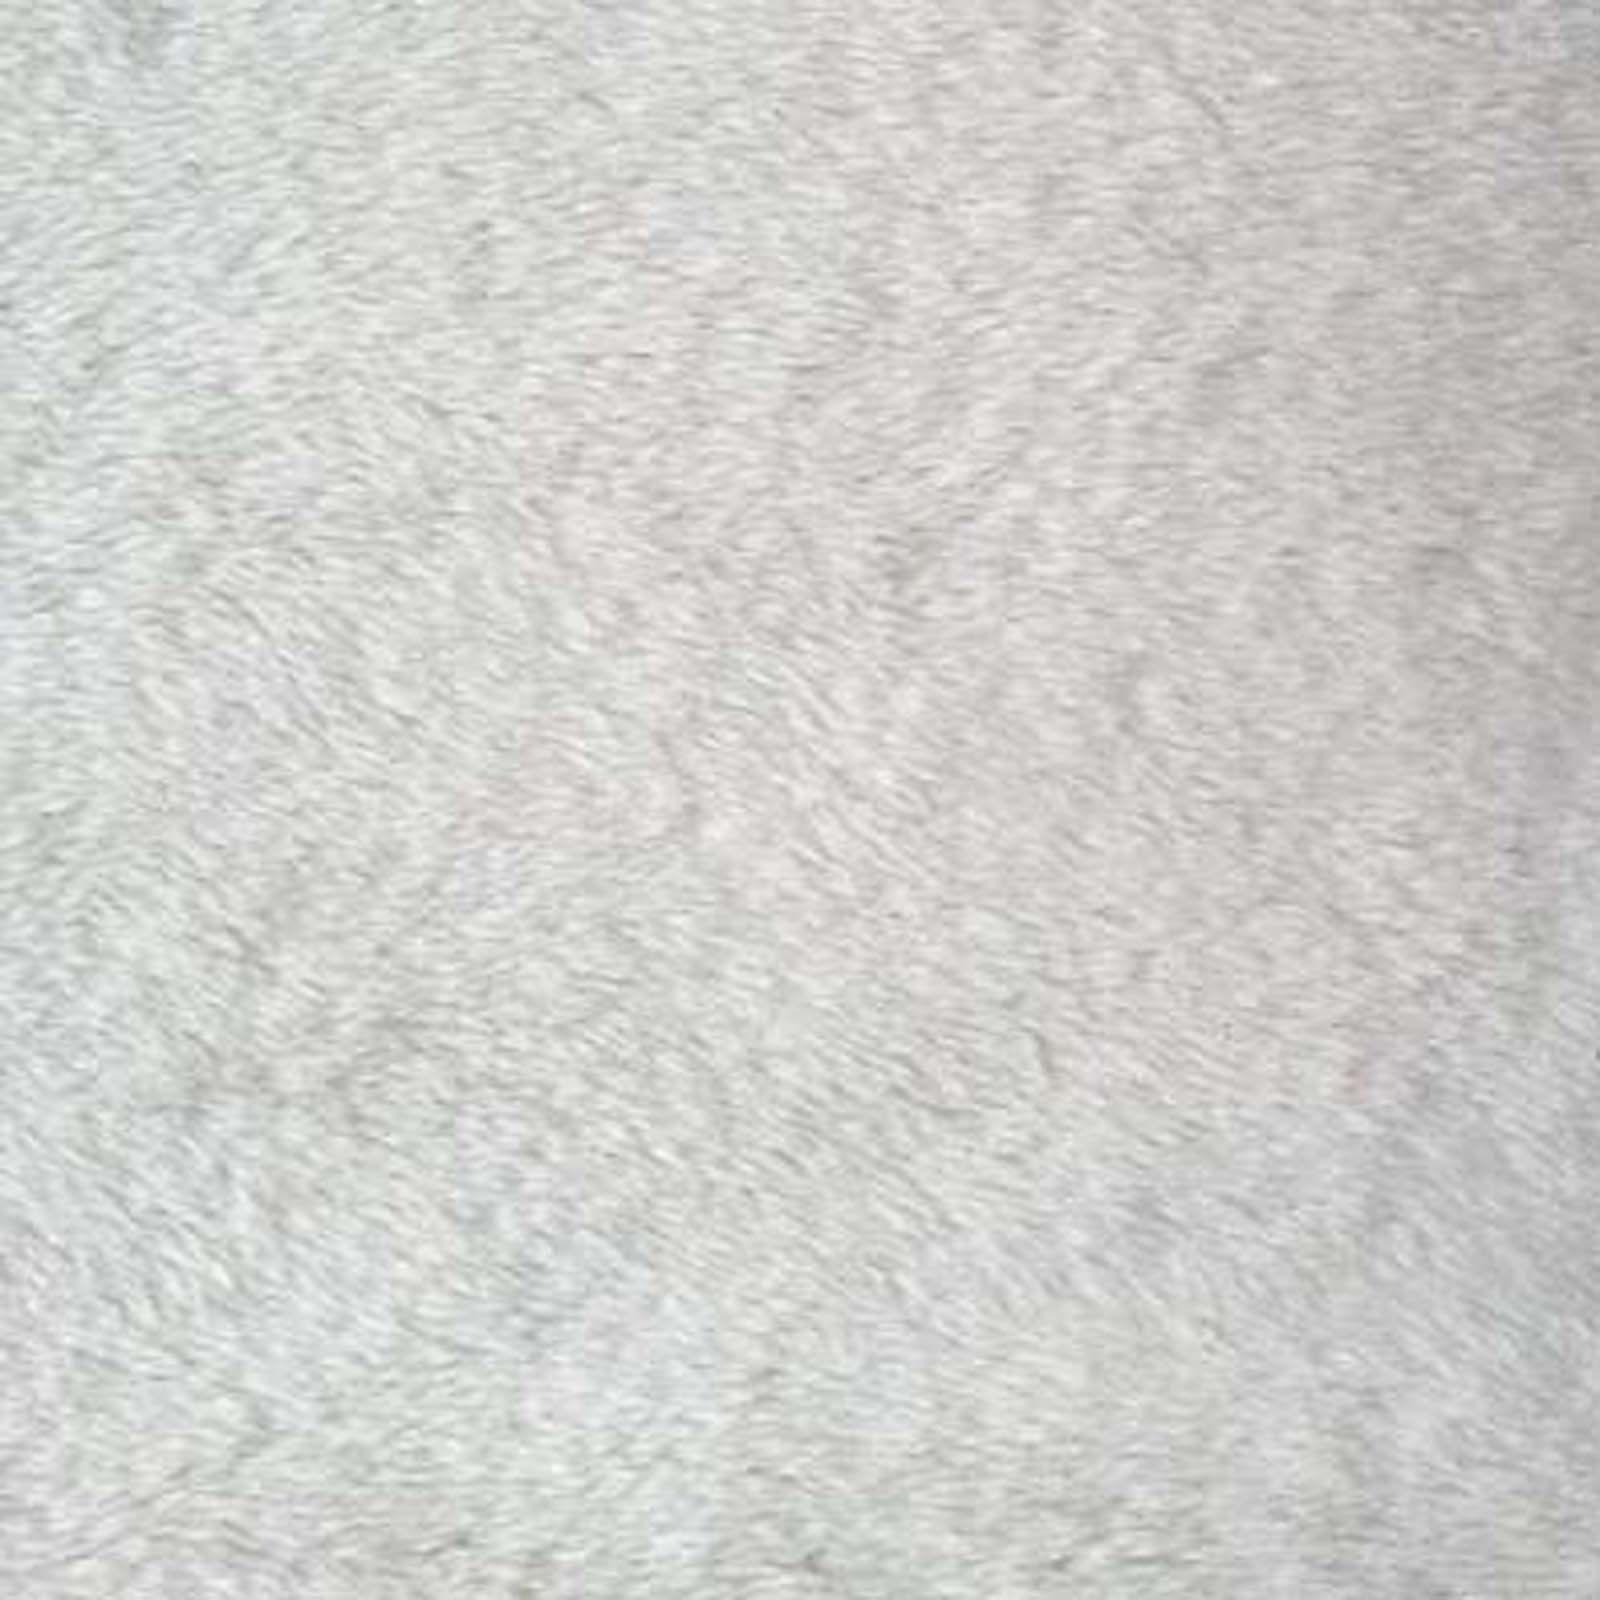 Soft N Comfy Fabric Ivory Plainsoft N Comfy Fabric Ivory